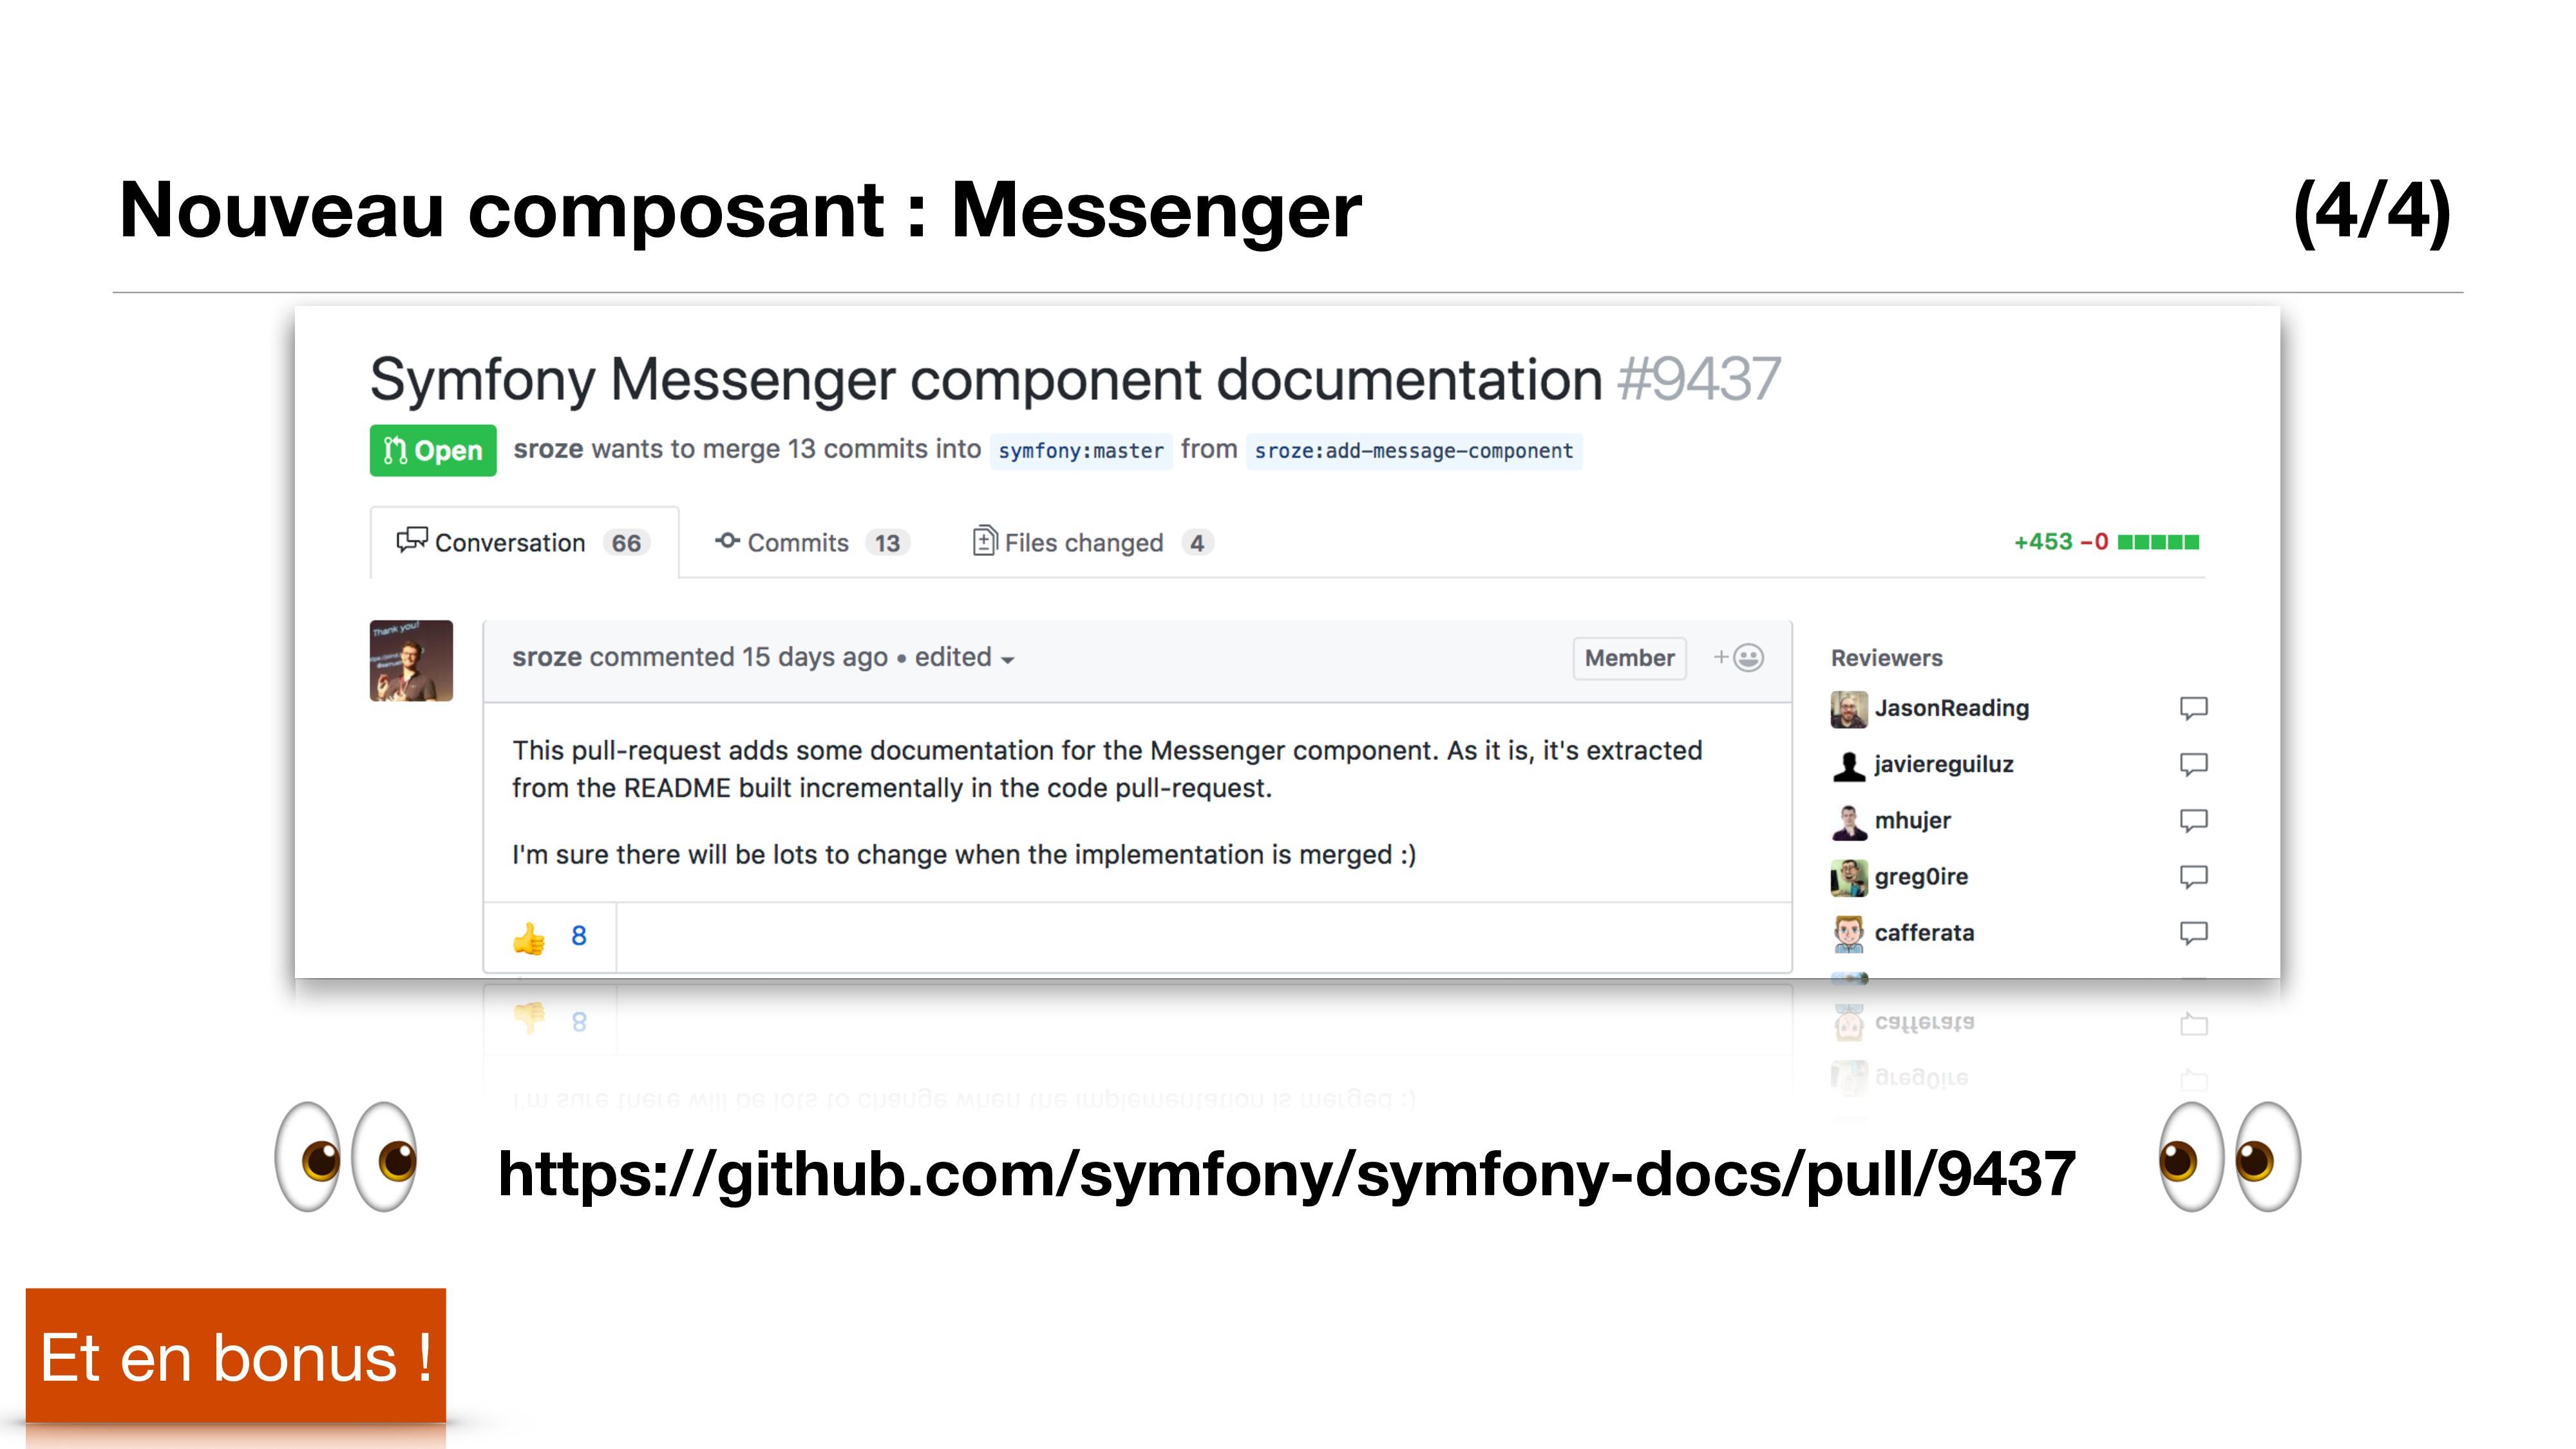 Nouveau composant : Messenger (4/4) Et en bonus...